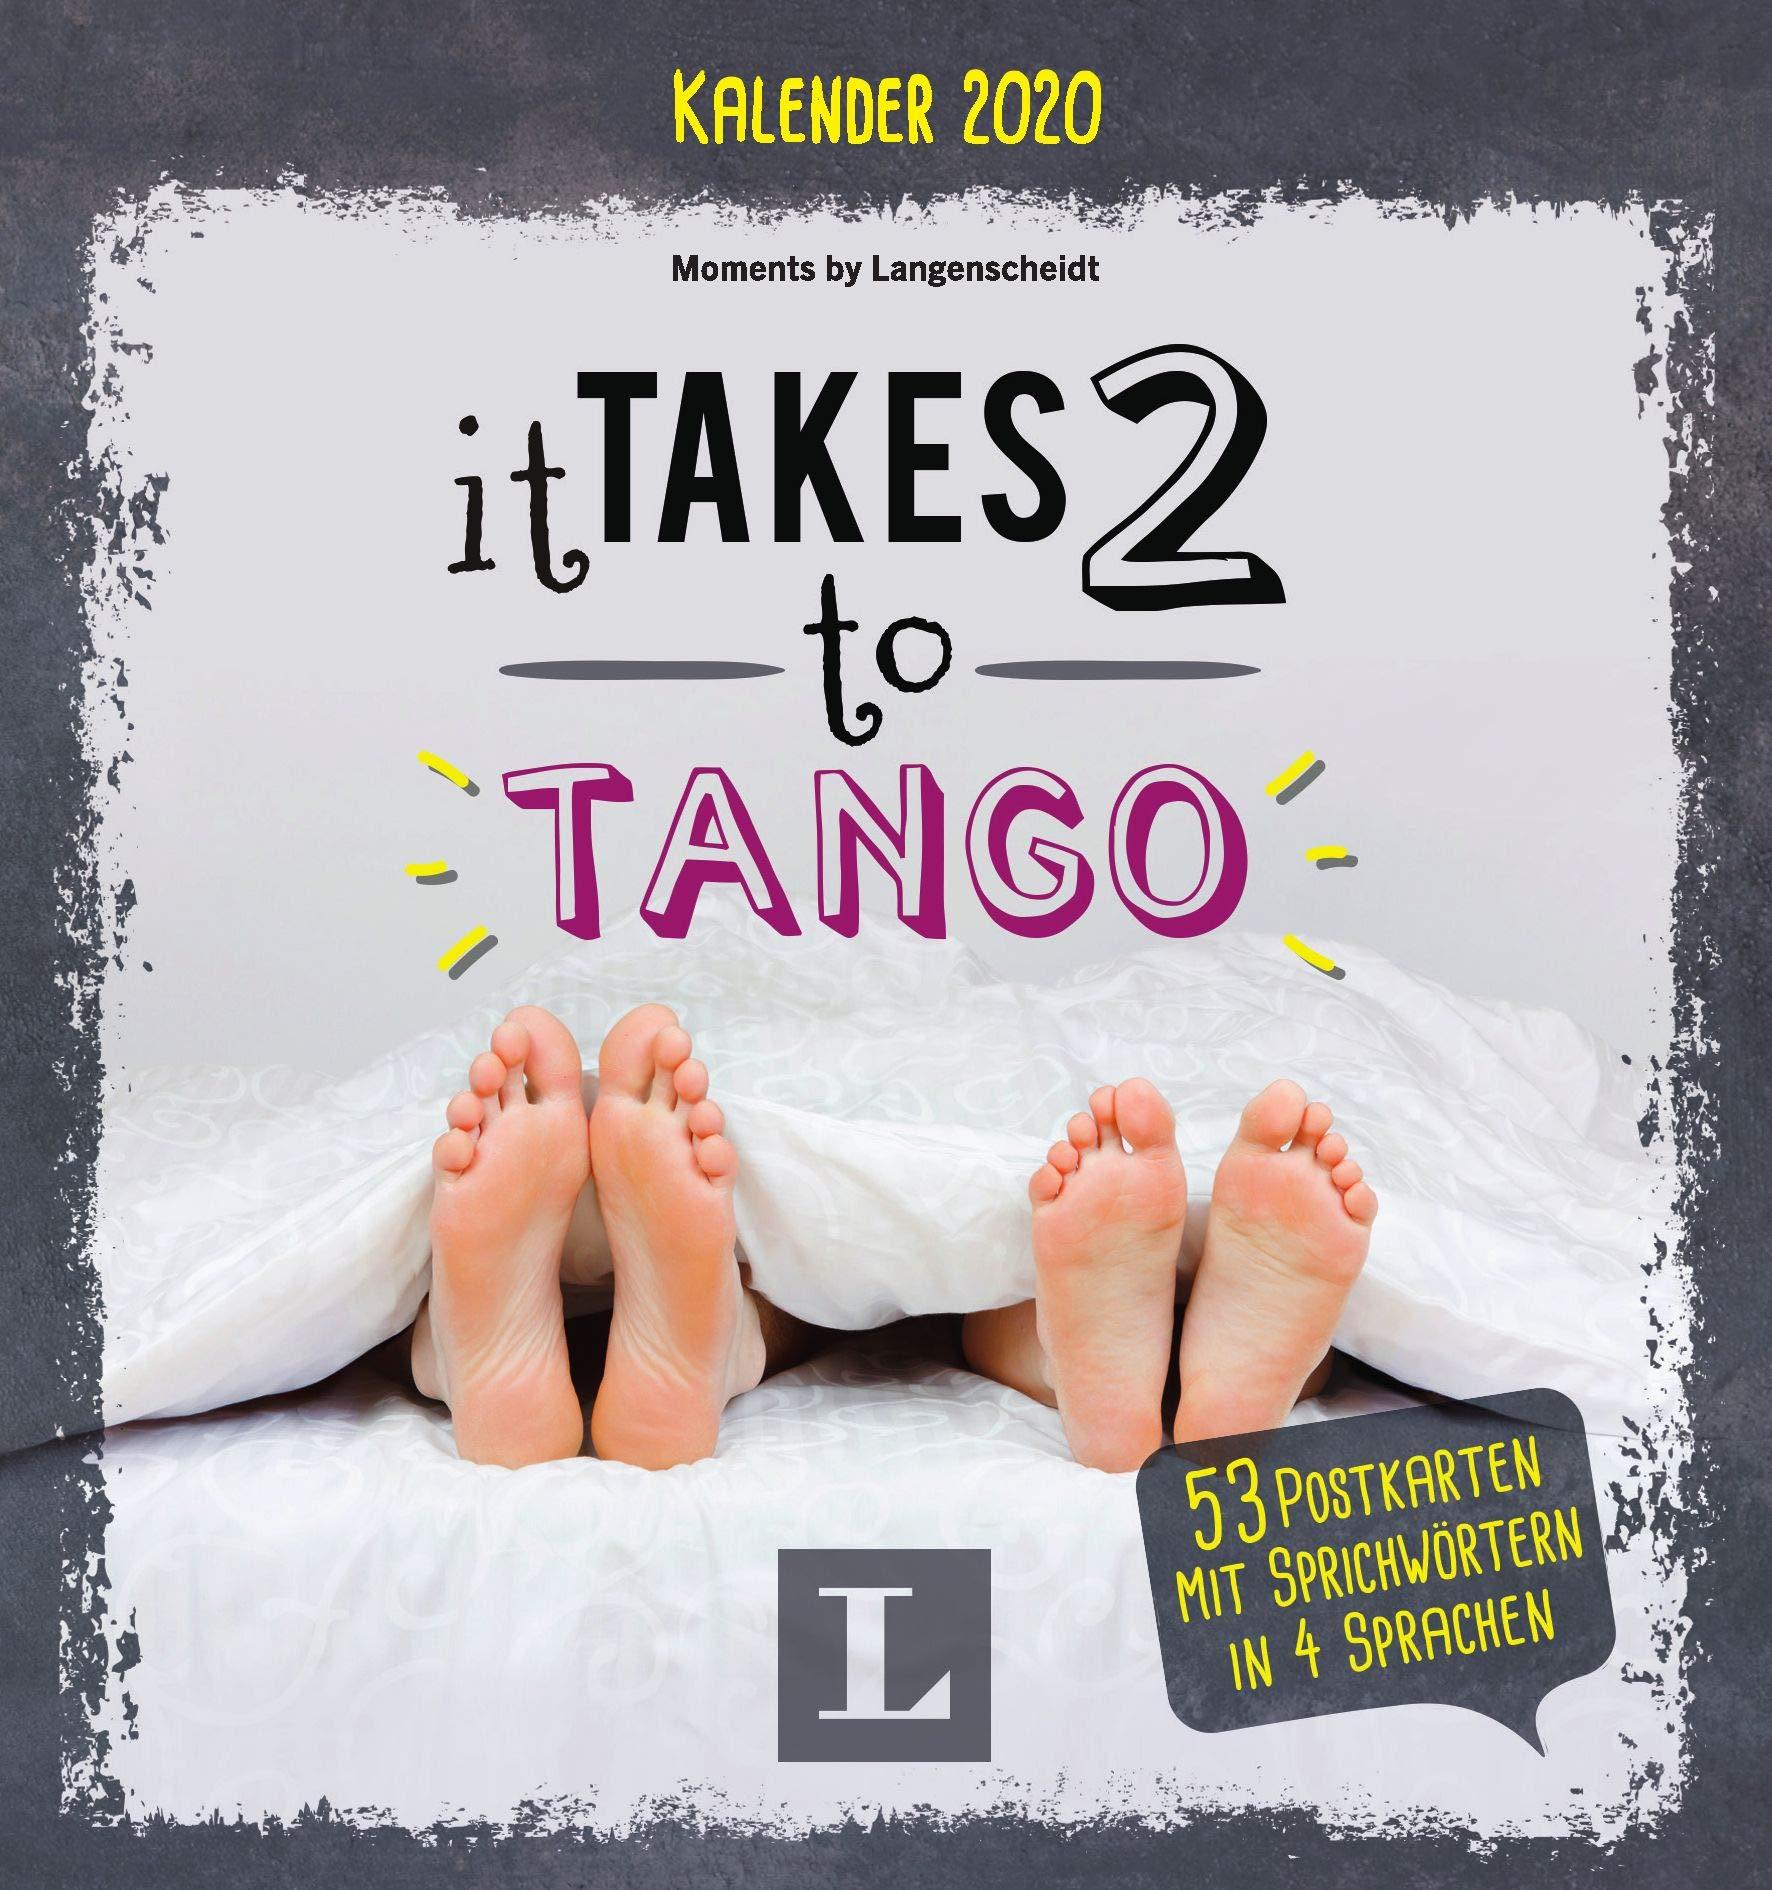 Langenscheidt Kalender 2020 It Takes Two Tango  53 Postkarten Mit Sprichwörtern In 4 Sprachen  Langenscheidet Kalender